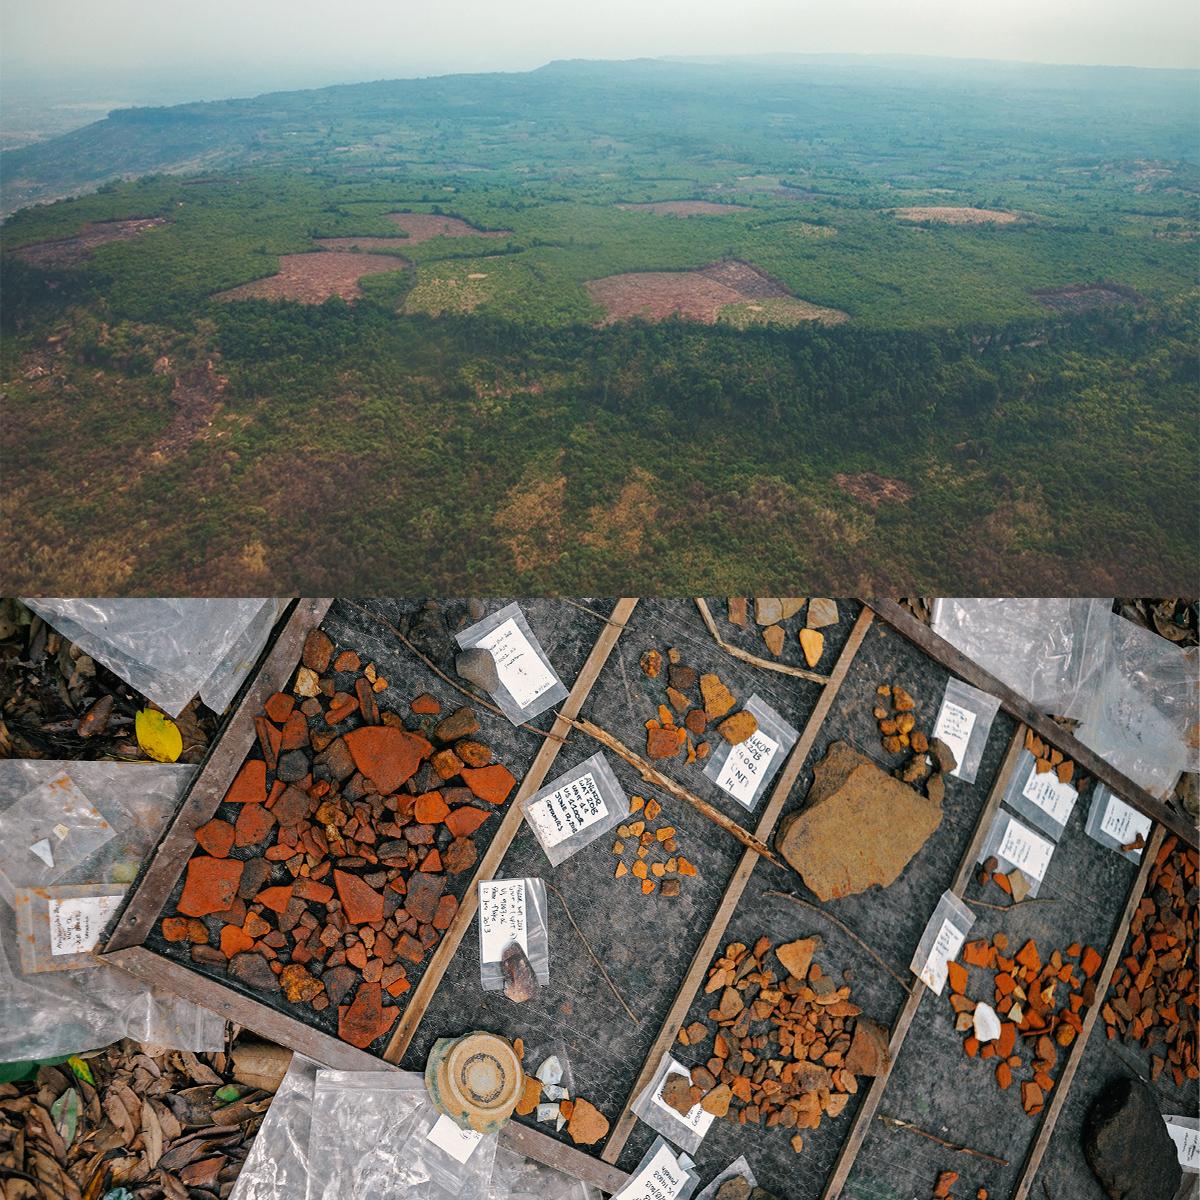 l'antica città di Mahendraparvata dell'Impero Khmer ritrovata nella fitta foresta